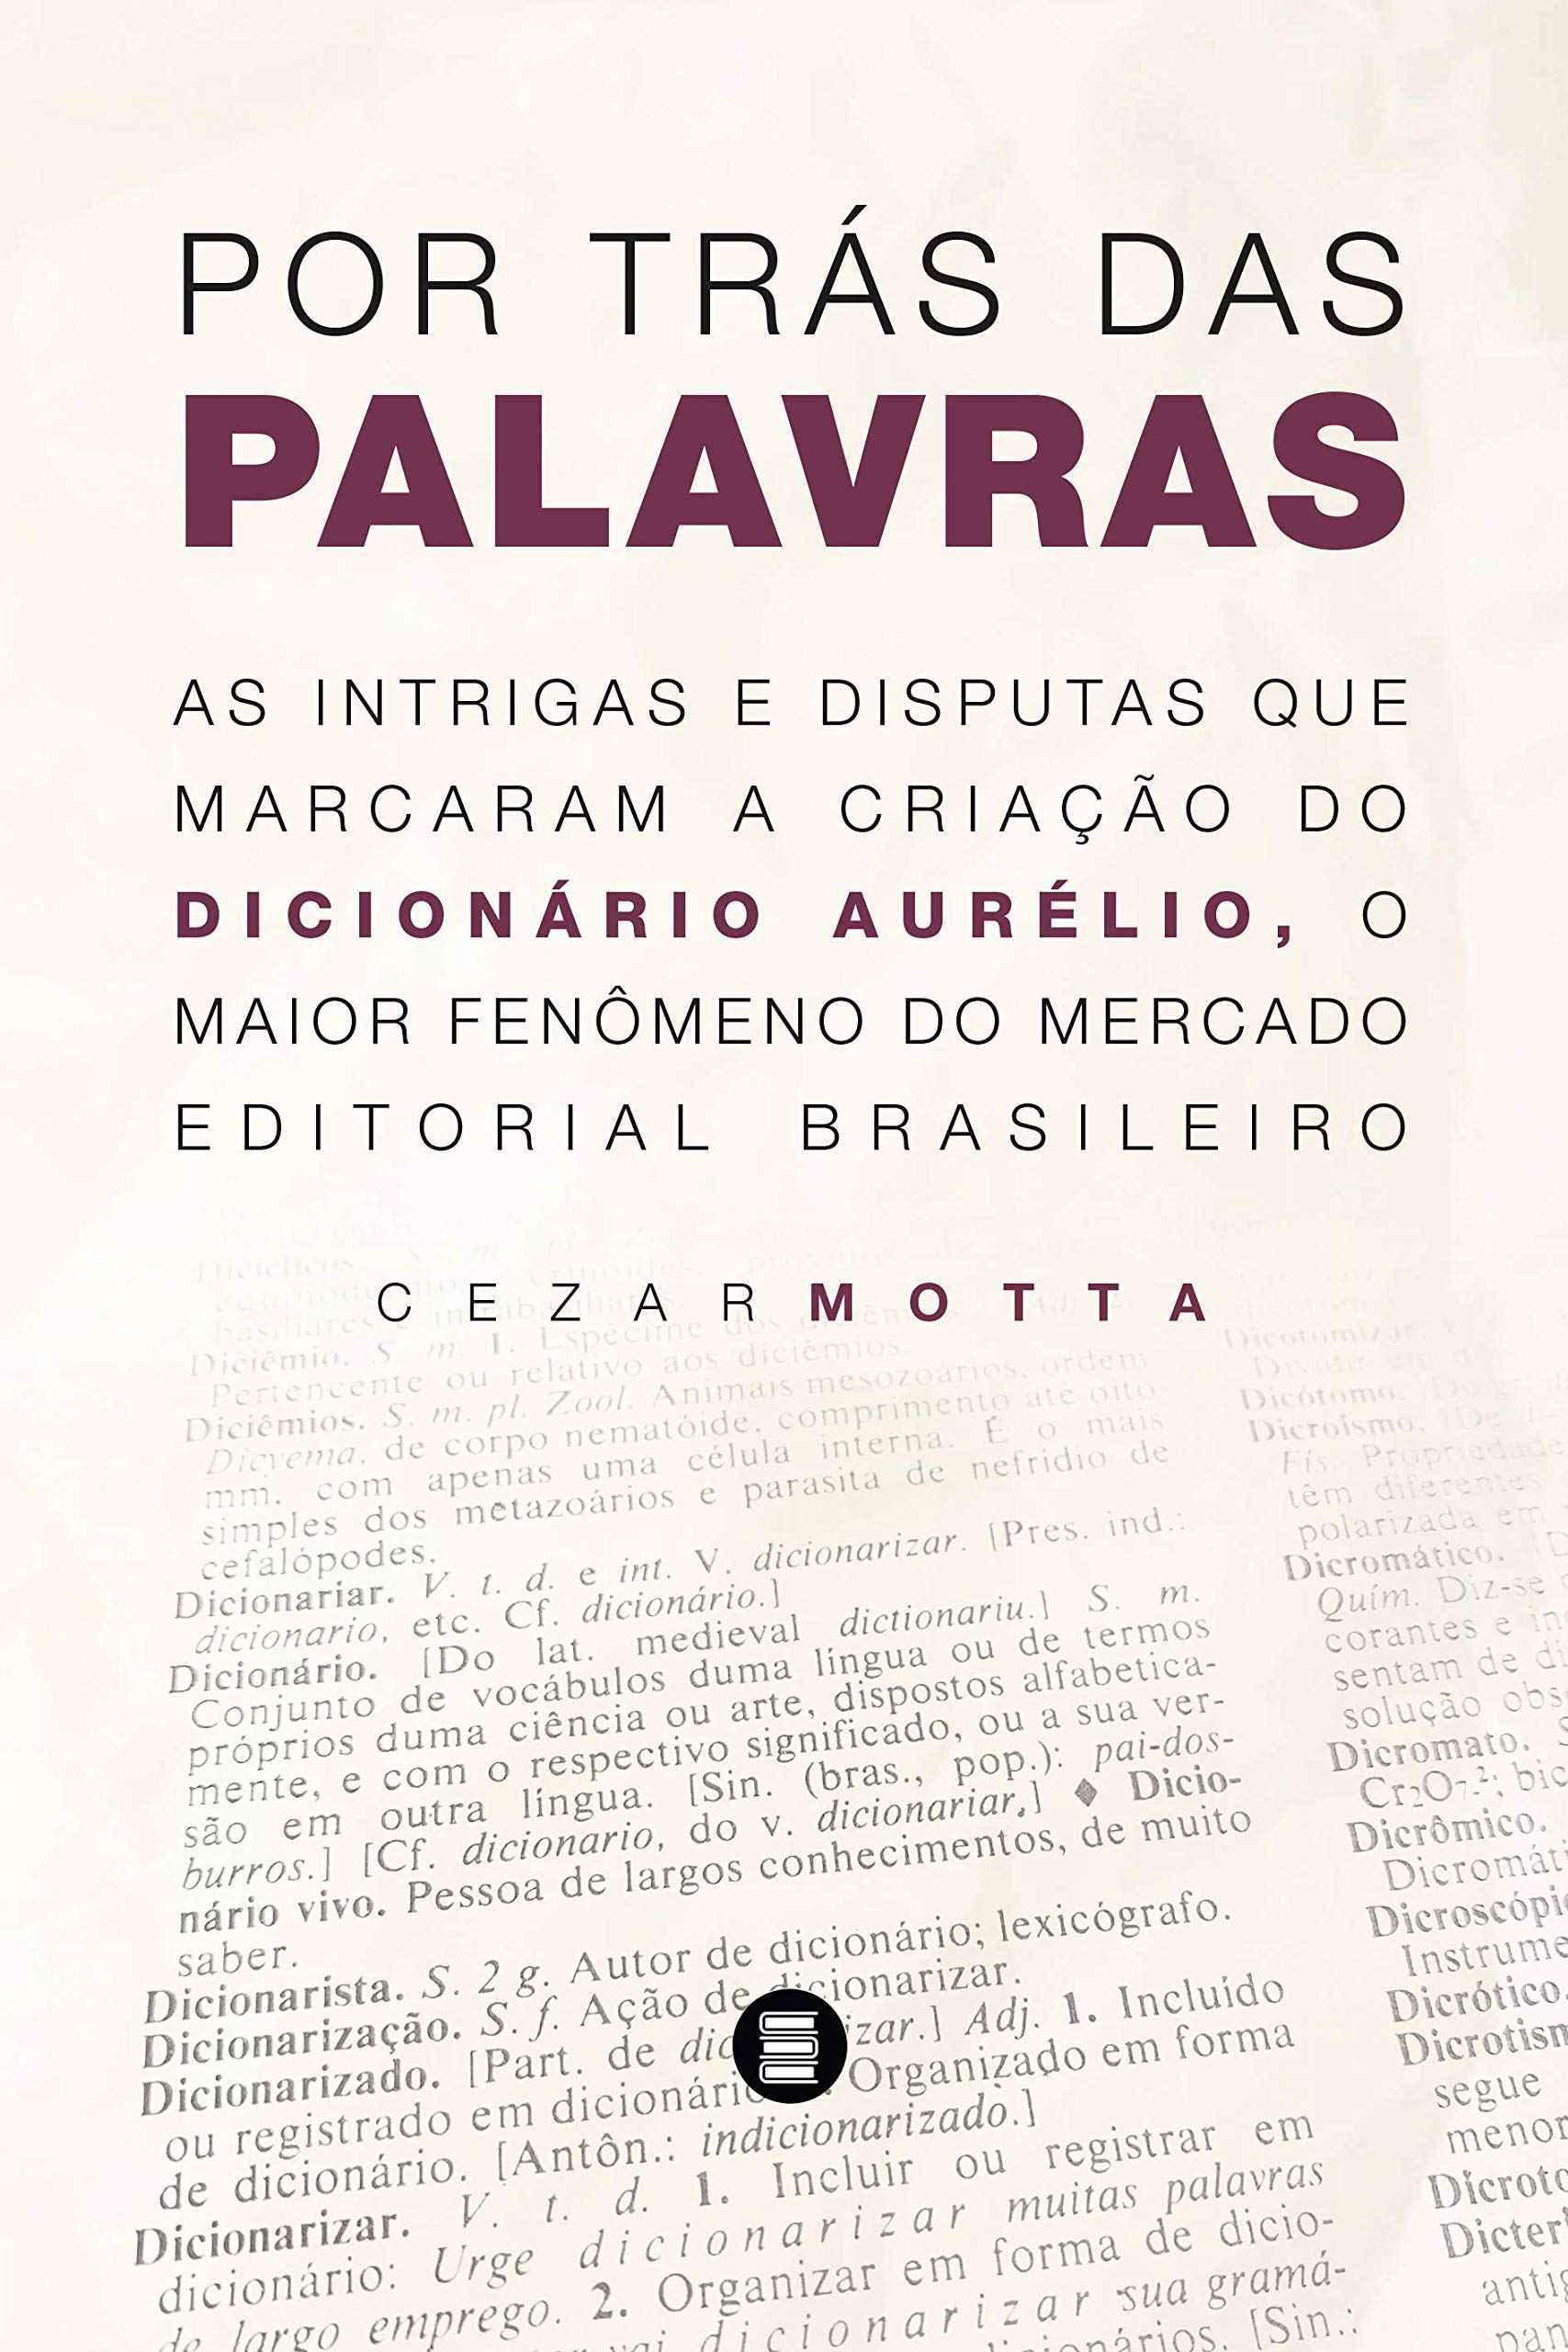 Livro de Cezar Motta disseca a história do famoso dicionário.